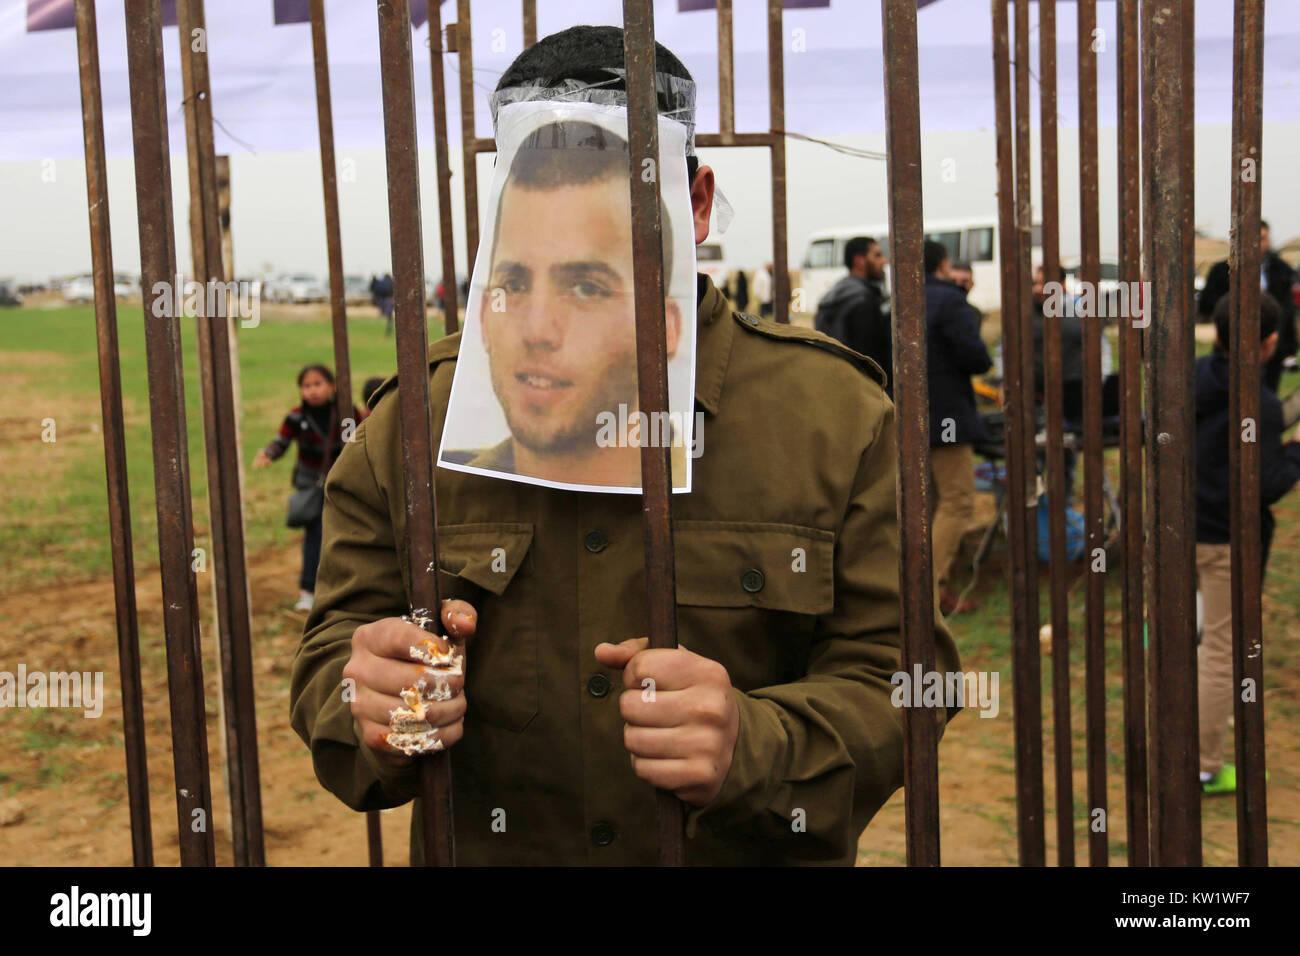 gu israeli soldier jailed - HD1300×957